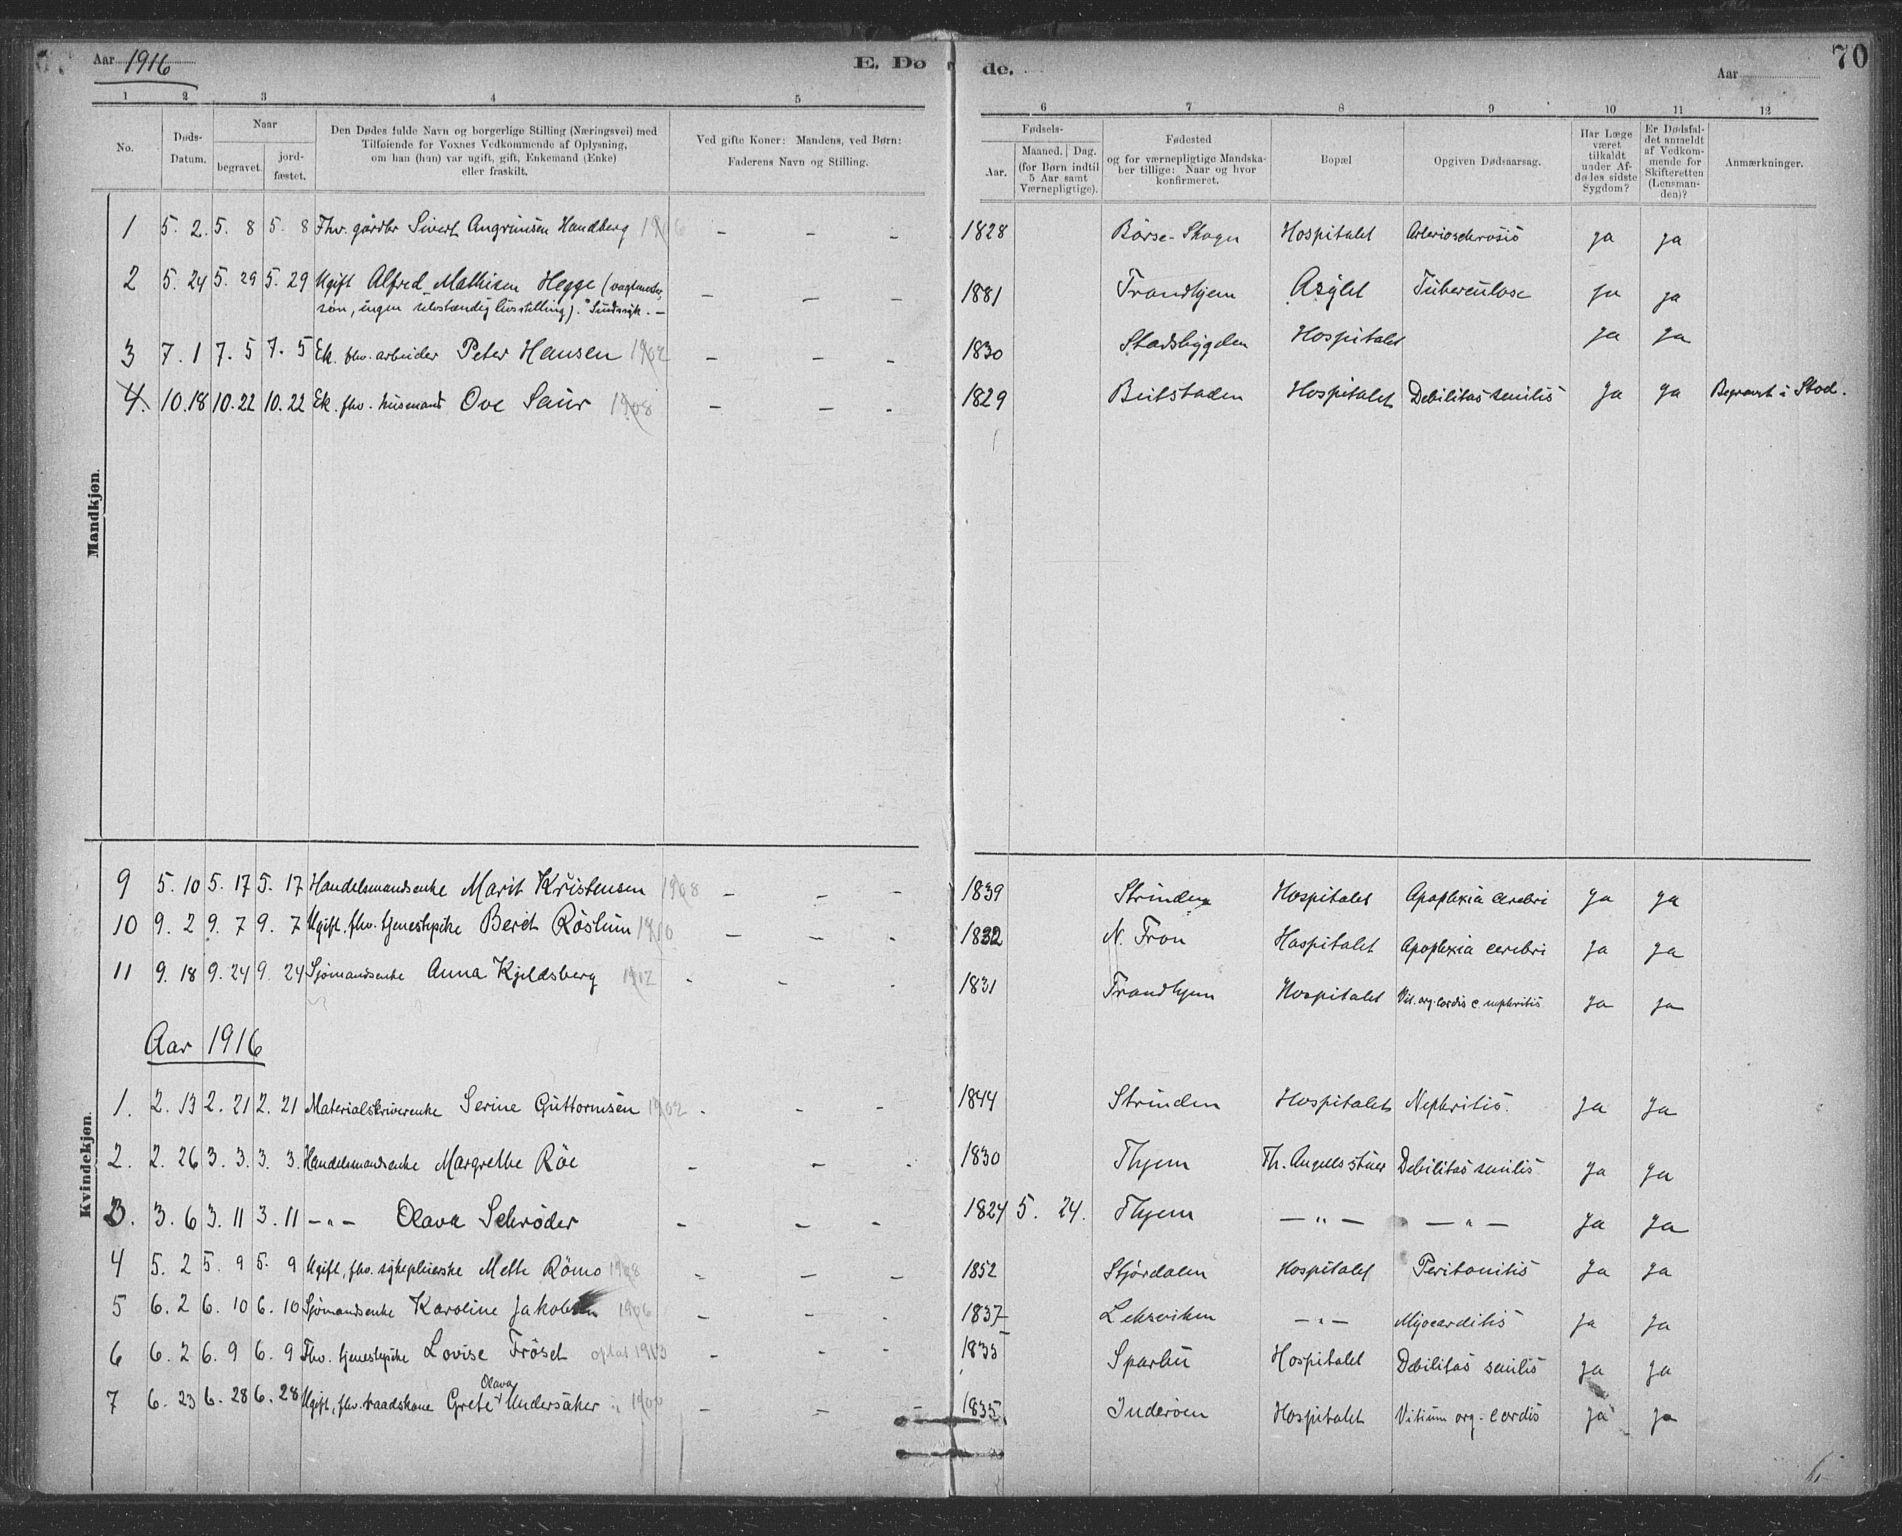 SAT, Ministerialprotokoller, klokkerbøker og fødselsregistre - Sør-Trøndelag, 623/L0470: Ministerialbok nr. 623A04, 1884-1938, s. 70